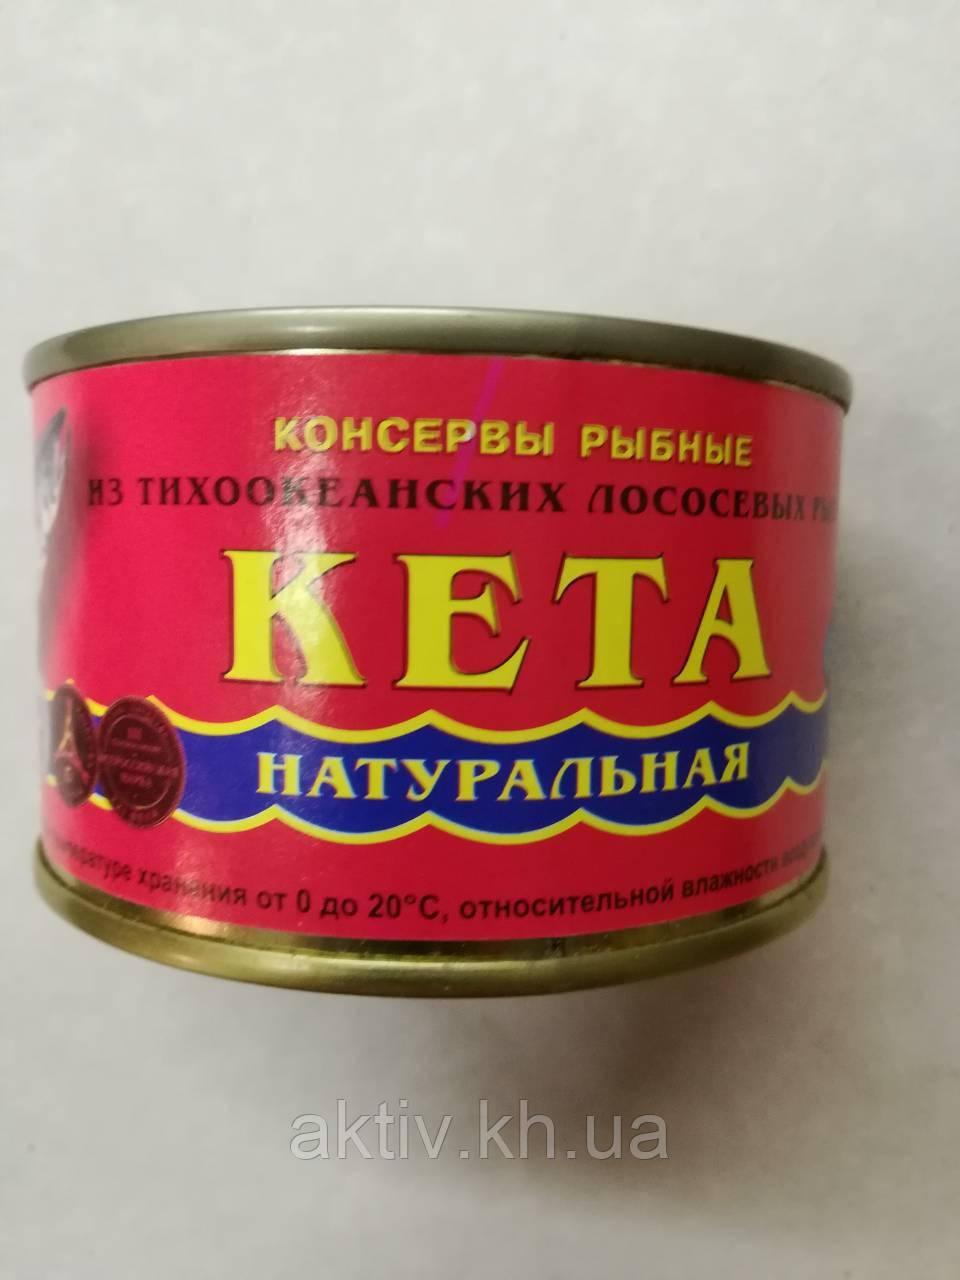 Кета Натуральная 227 гр